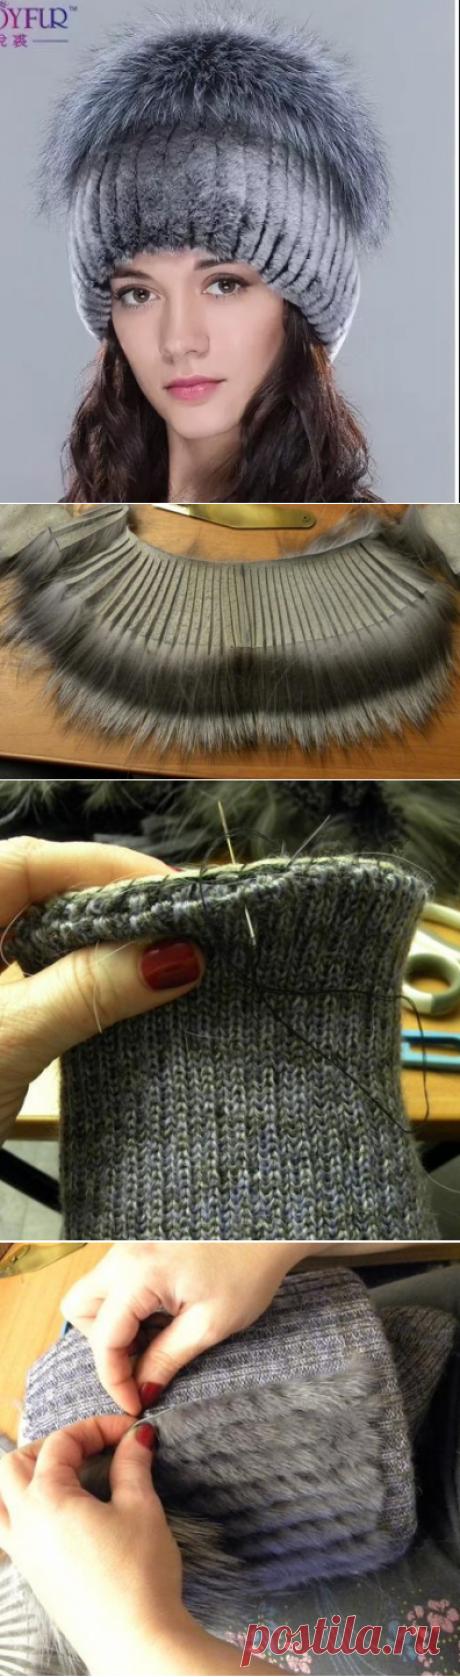 Cosemos los pedazos de la piel al gorro de punto y es recibido el gorro de piel de estilo | cosemos, tejemos y preparamos | Yandeks Dzen